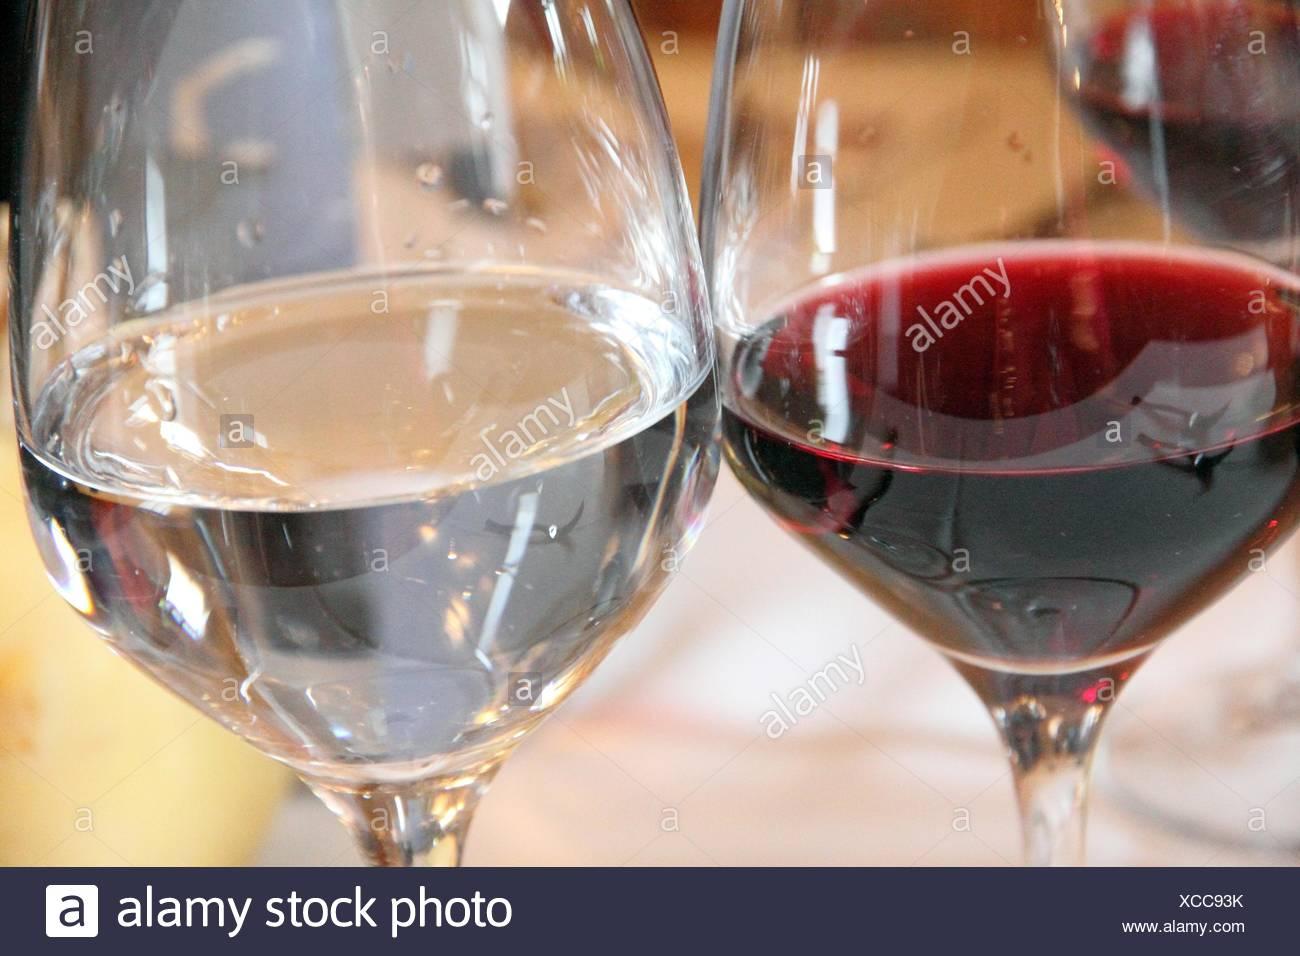 Calici Vino E Acqua bicchieri sul tavolo. vino rosso e acqua foto stock - alamy